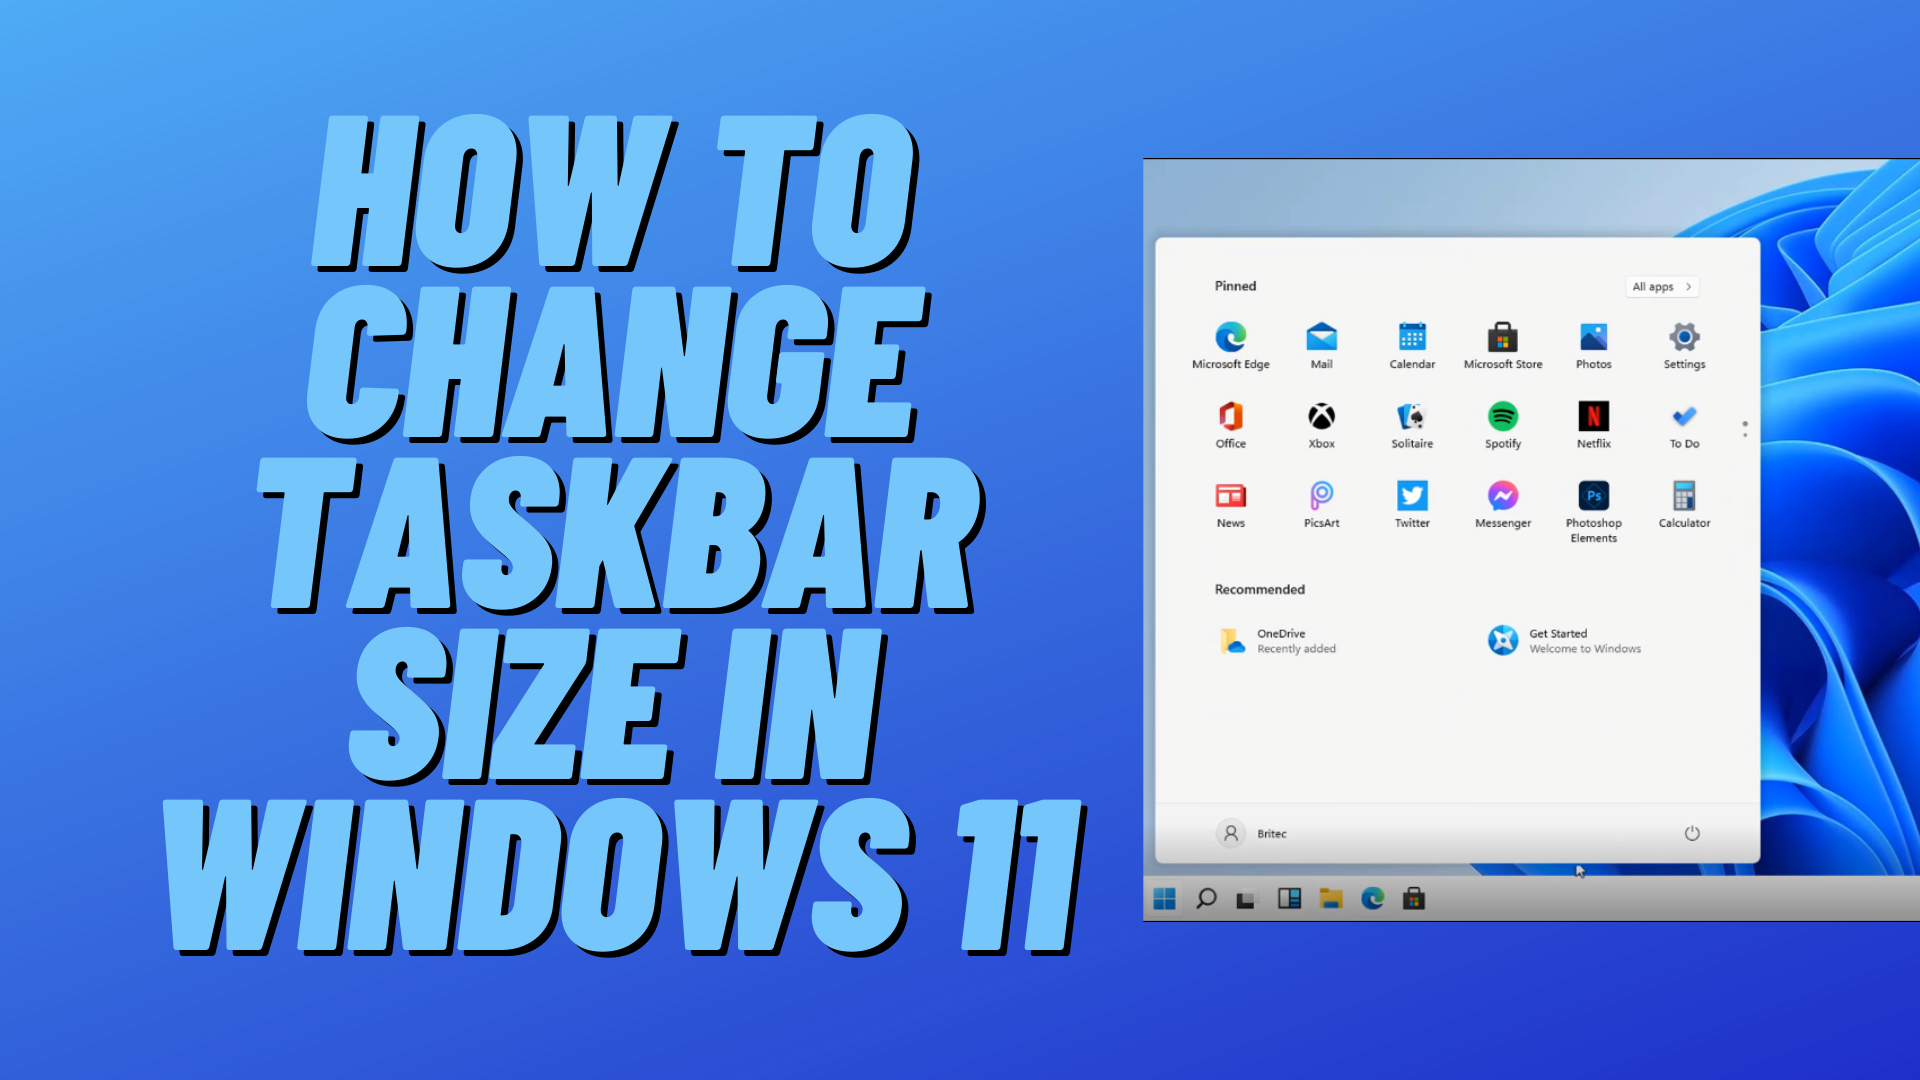 How to Change Taskbar Size in Windows 11